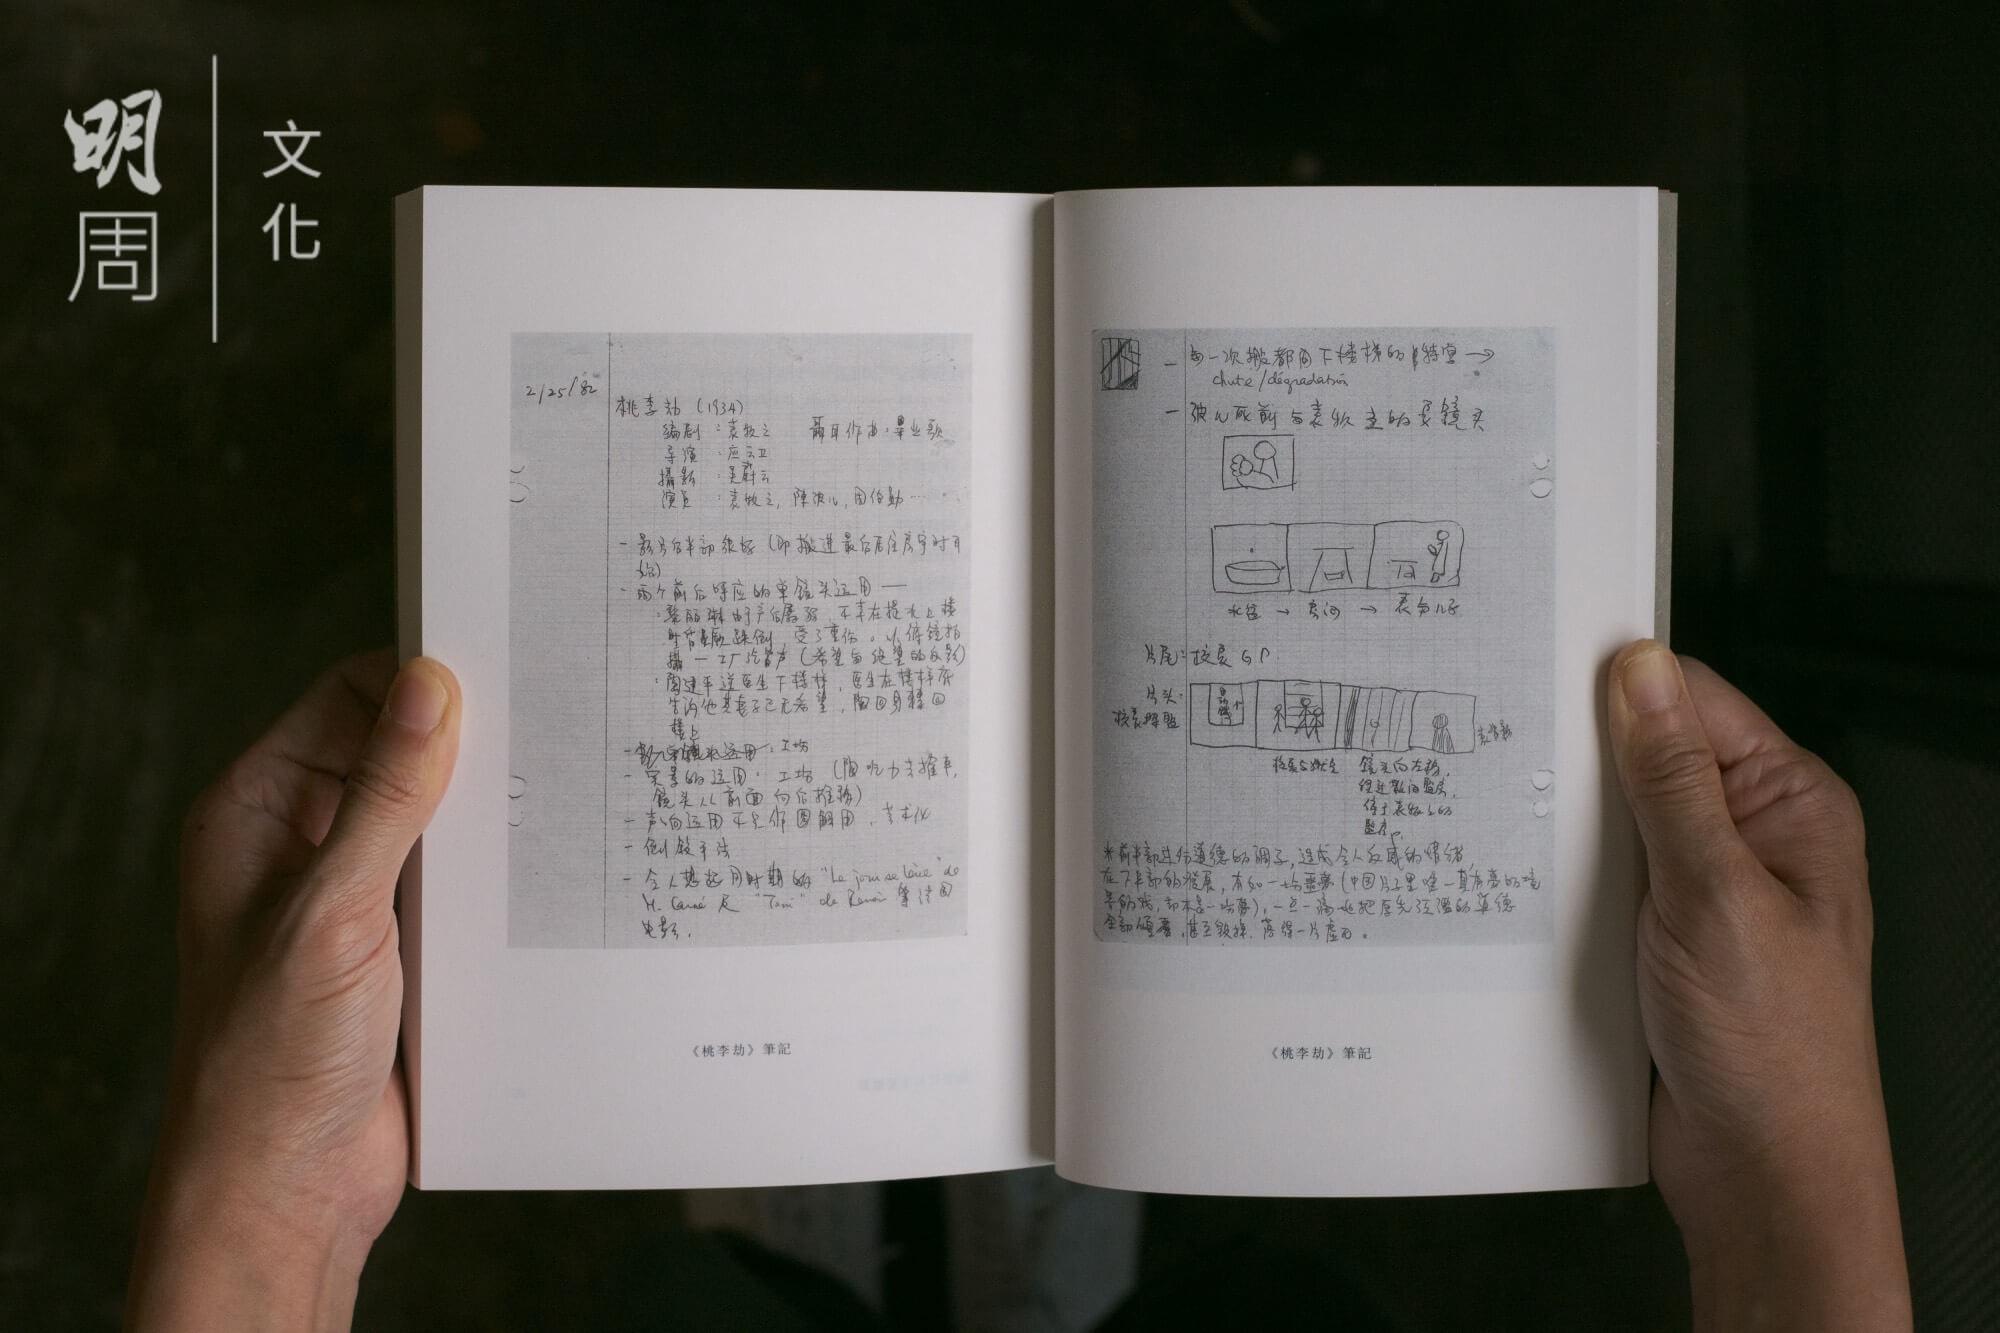 新書輯錄黃愛玲的影評、學術論文,節目策劃及評審心得等,亦有手稿複印。